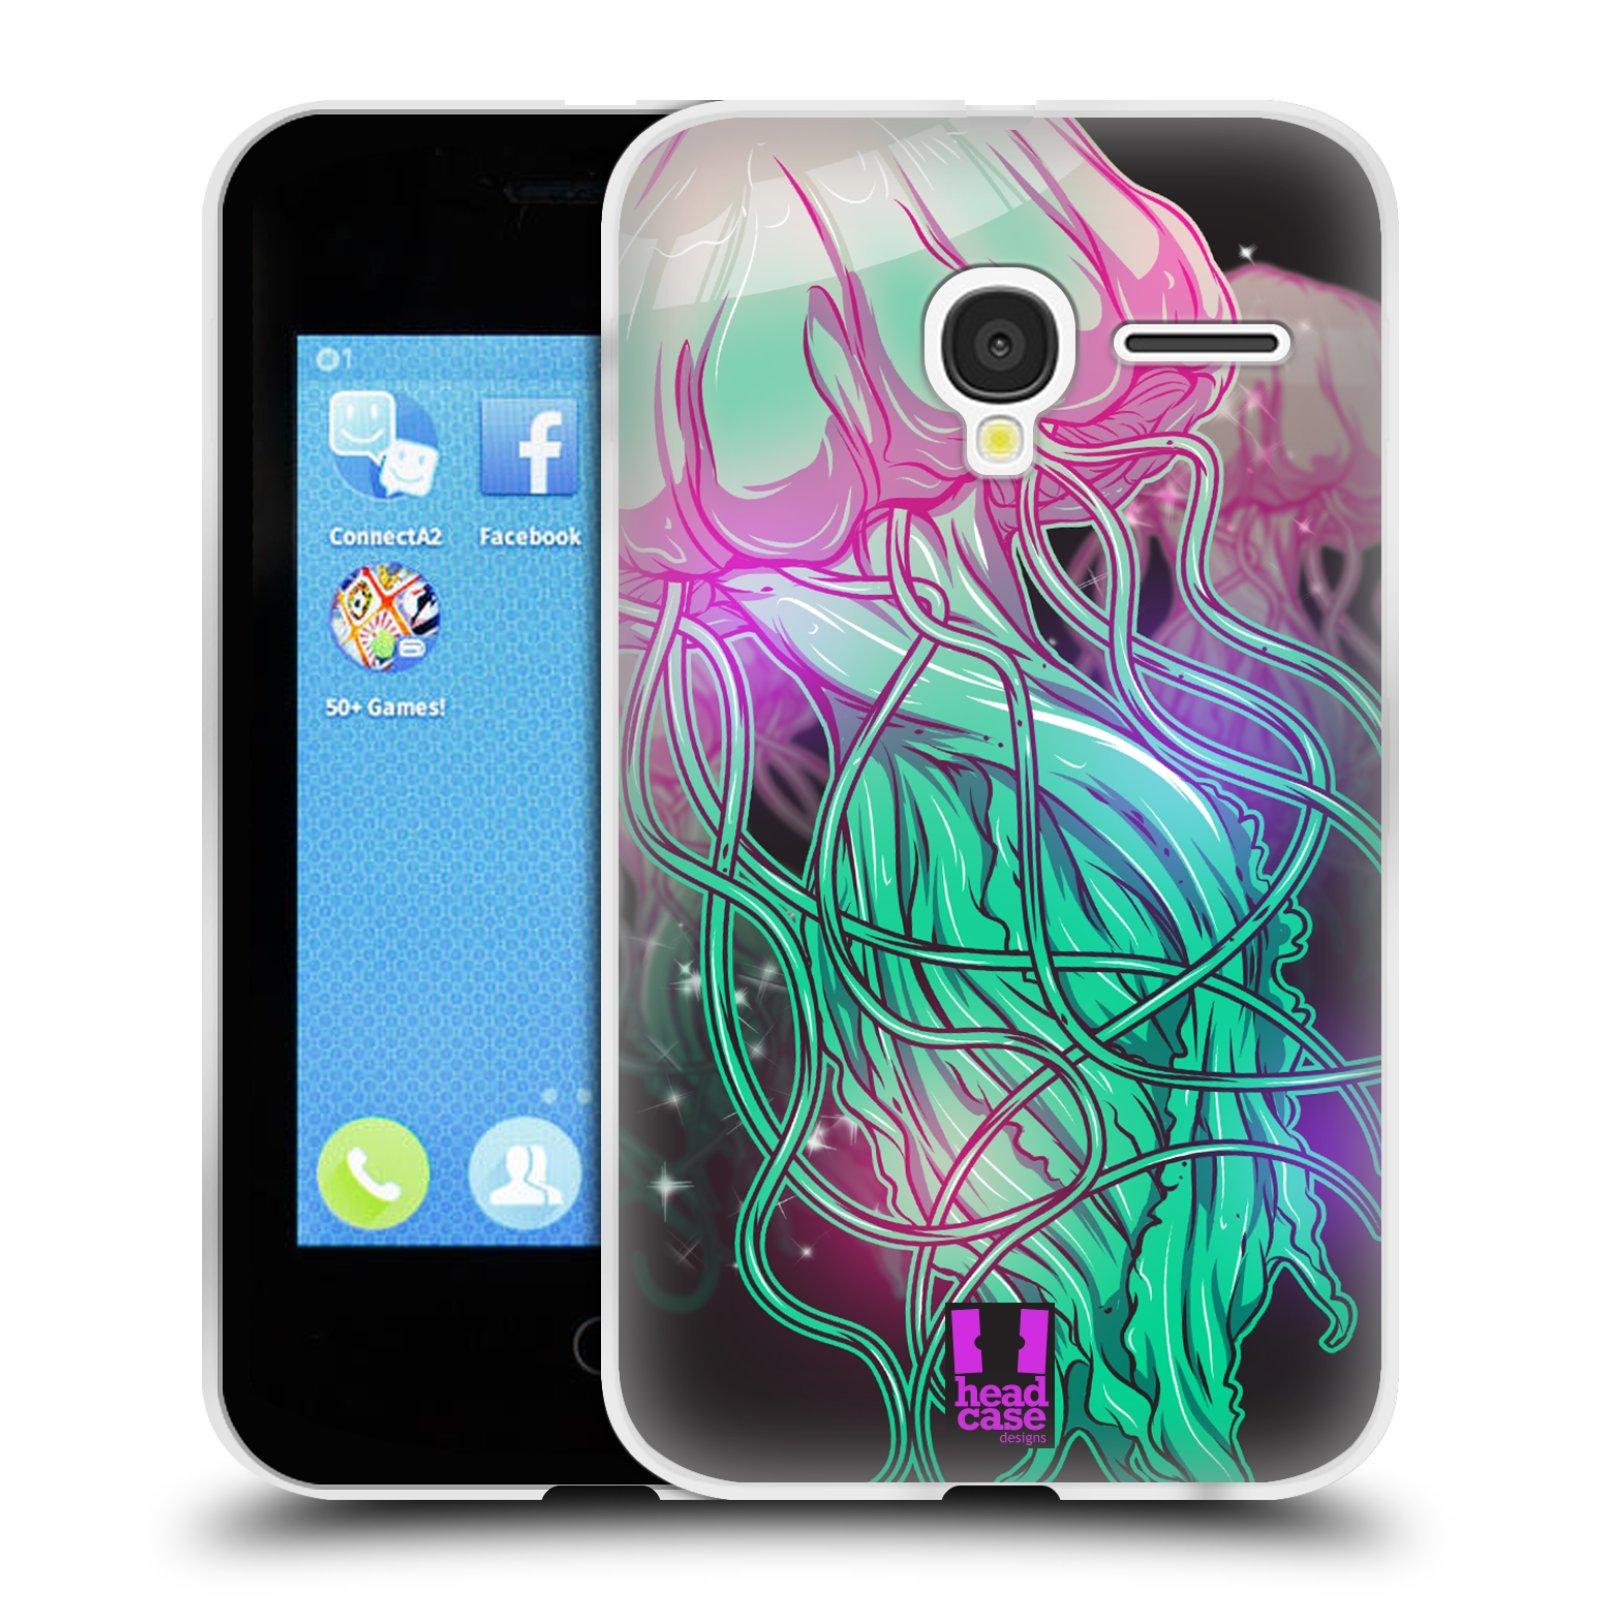 HEAD CASE silikonový obal na mobil Alcatel PIXI 3 OT-4022D (3,5 palcový displej) vzor mořská monstra medůza